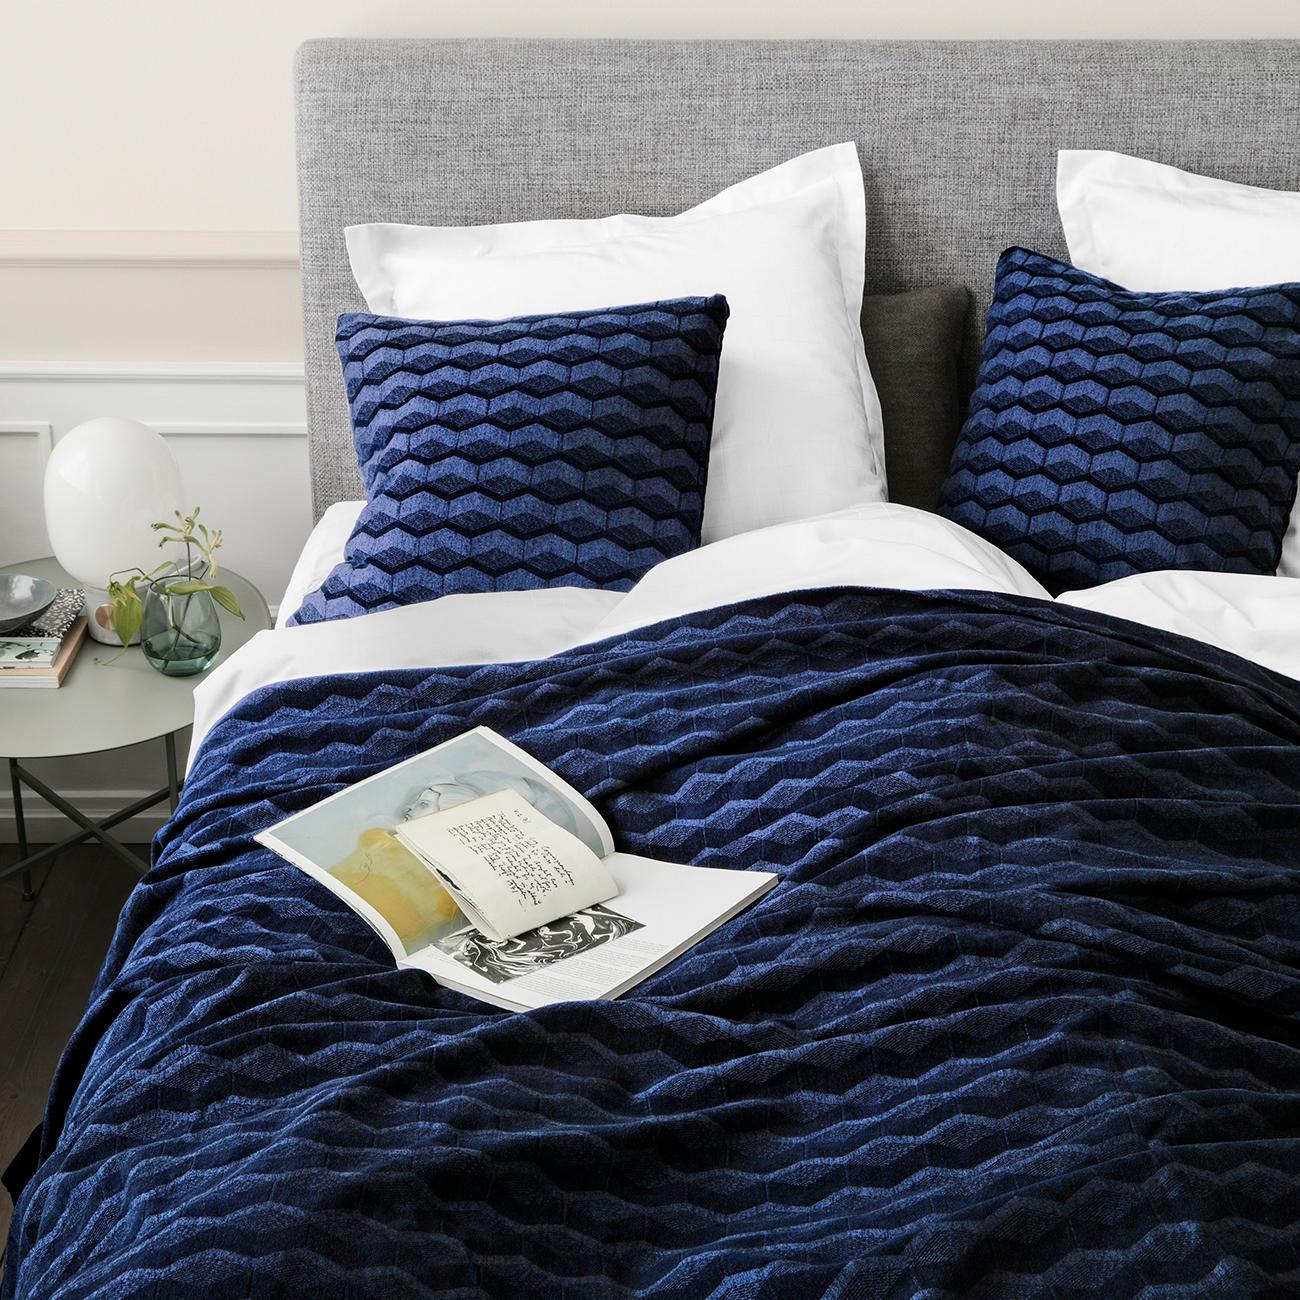 bett berwurf oder kissen kubus mit 3 jahren garantie. Black Bedroom Furniture Sets. Home Design Ideas